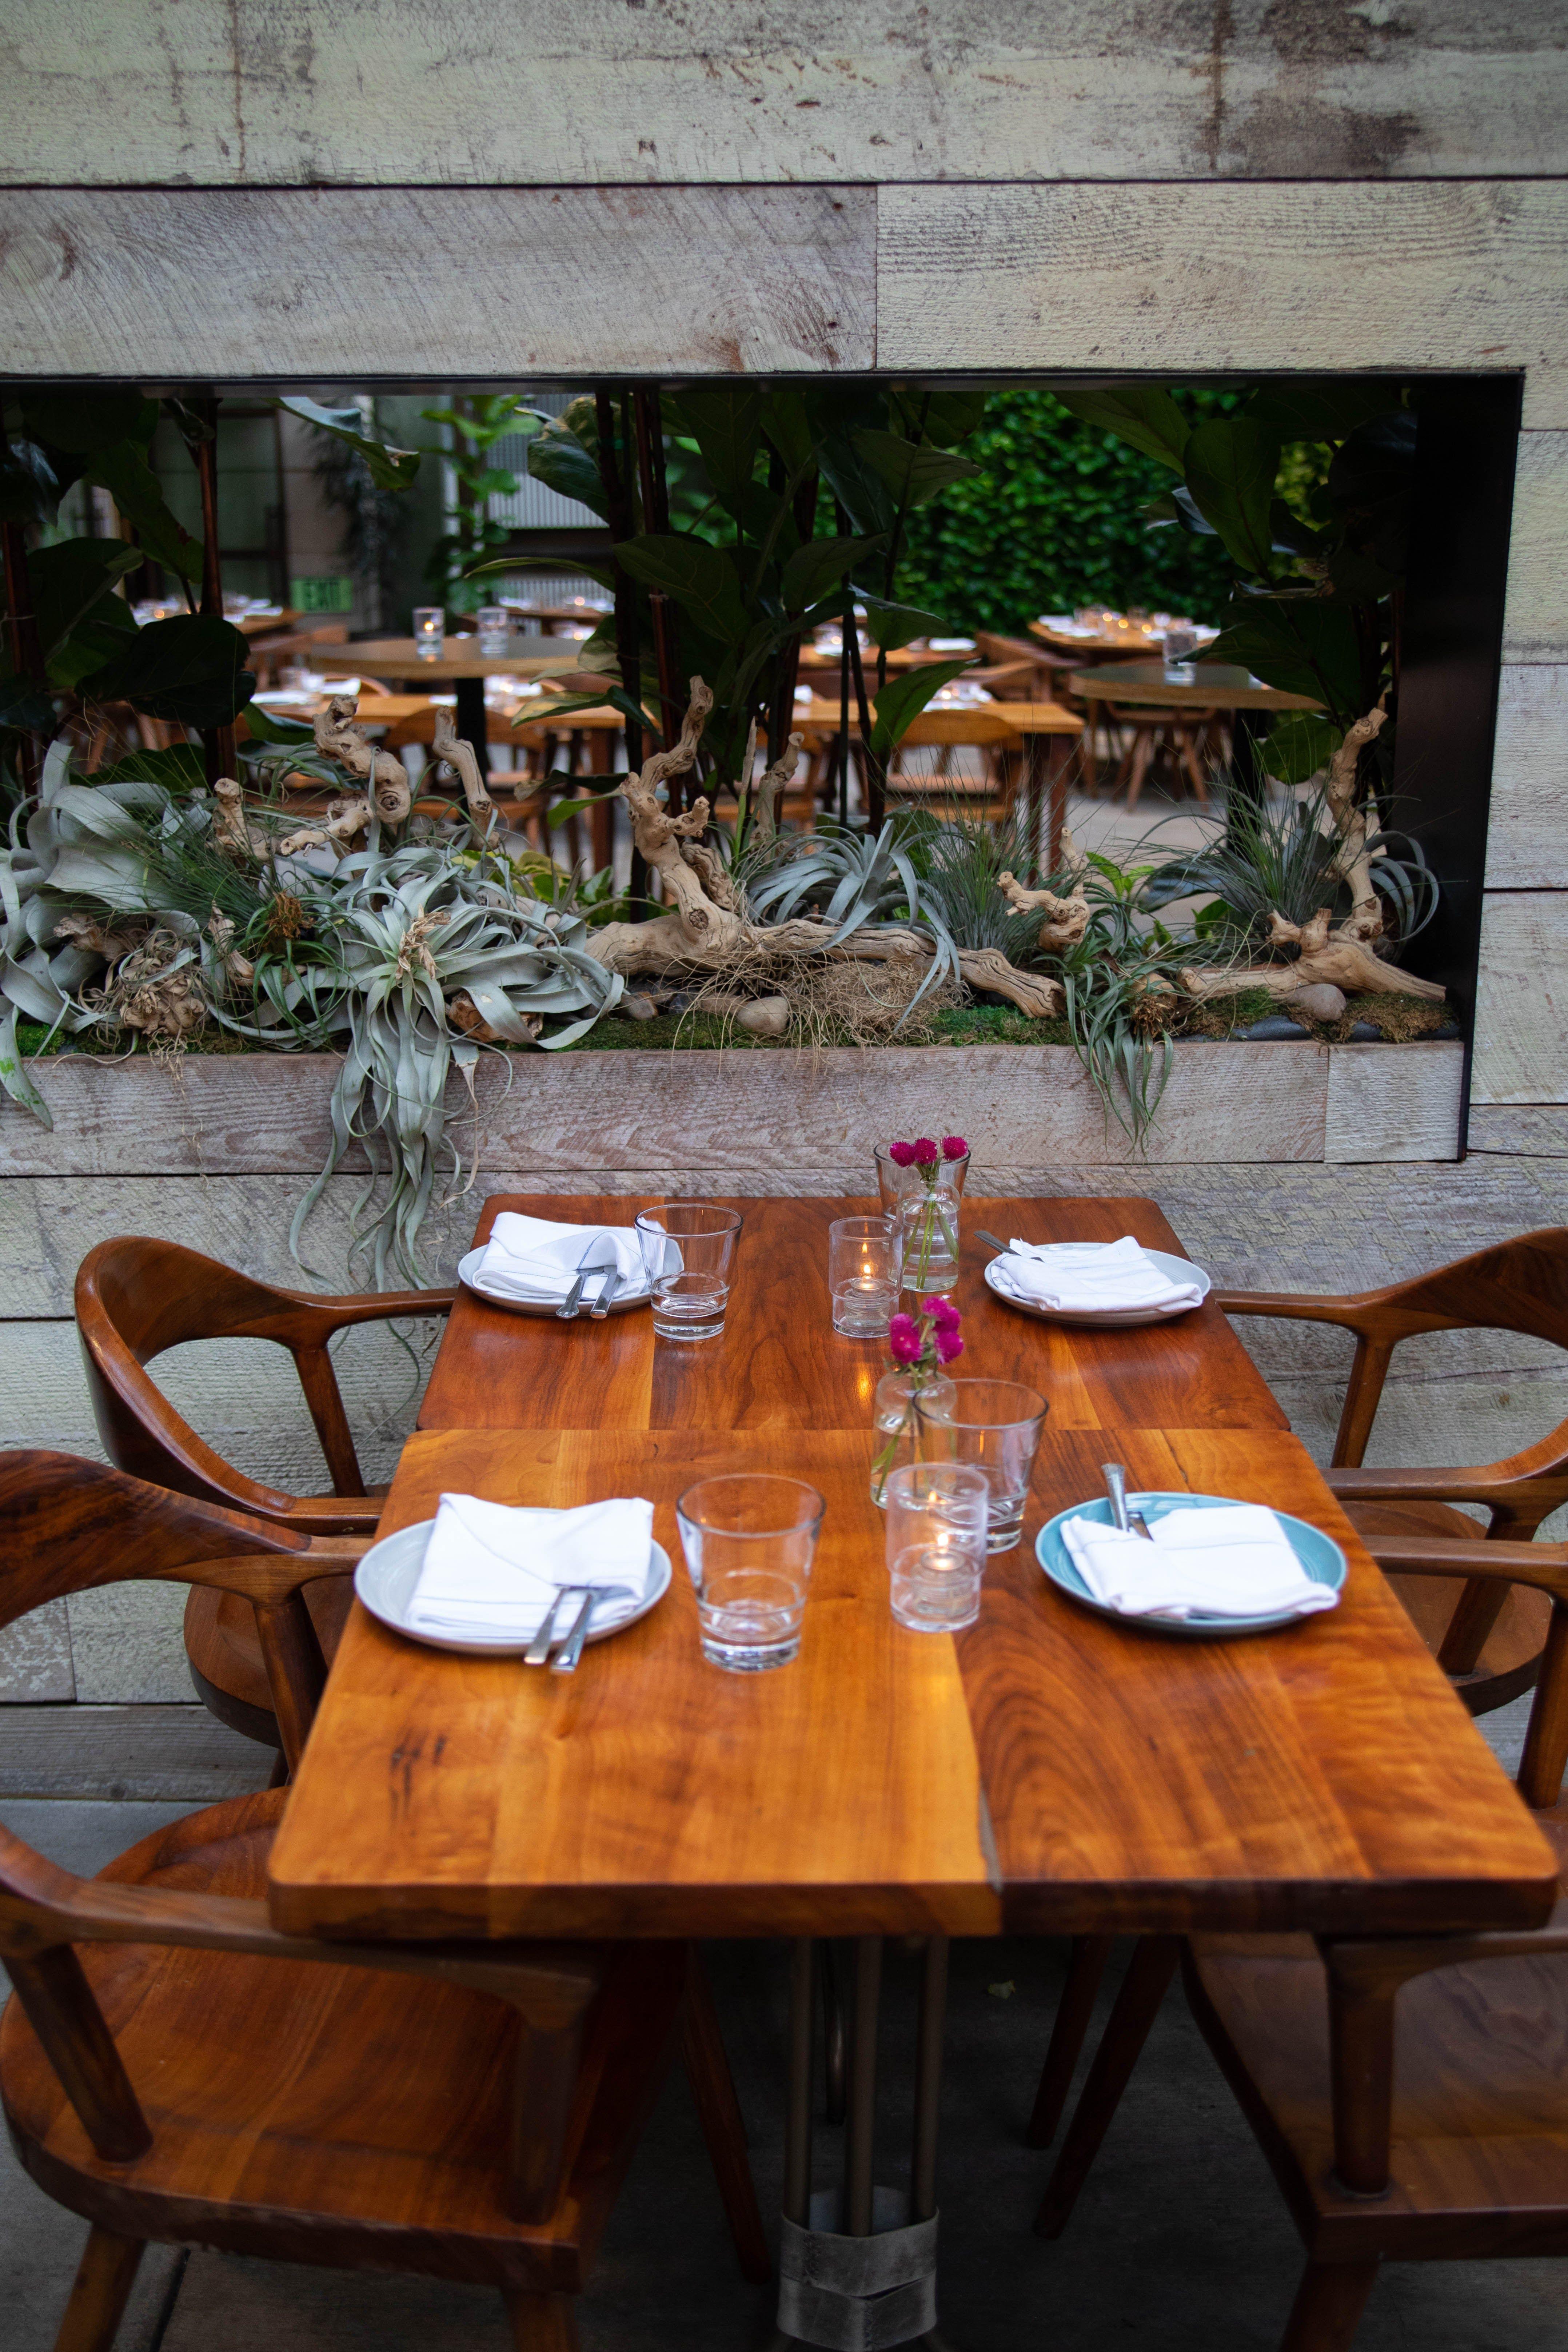 Luxury Restaurants Of The World Hinoki The Bird Los Angeles Annie Fairfax Luxury Restaurant Best Places To Eat Restaurant